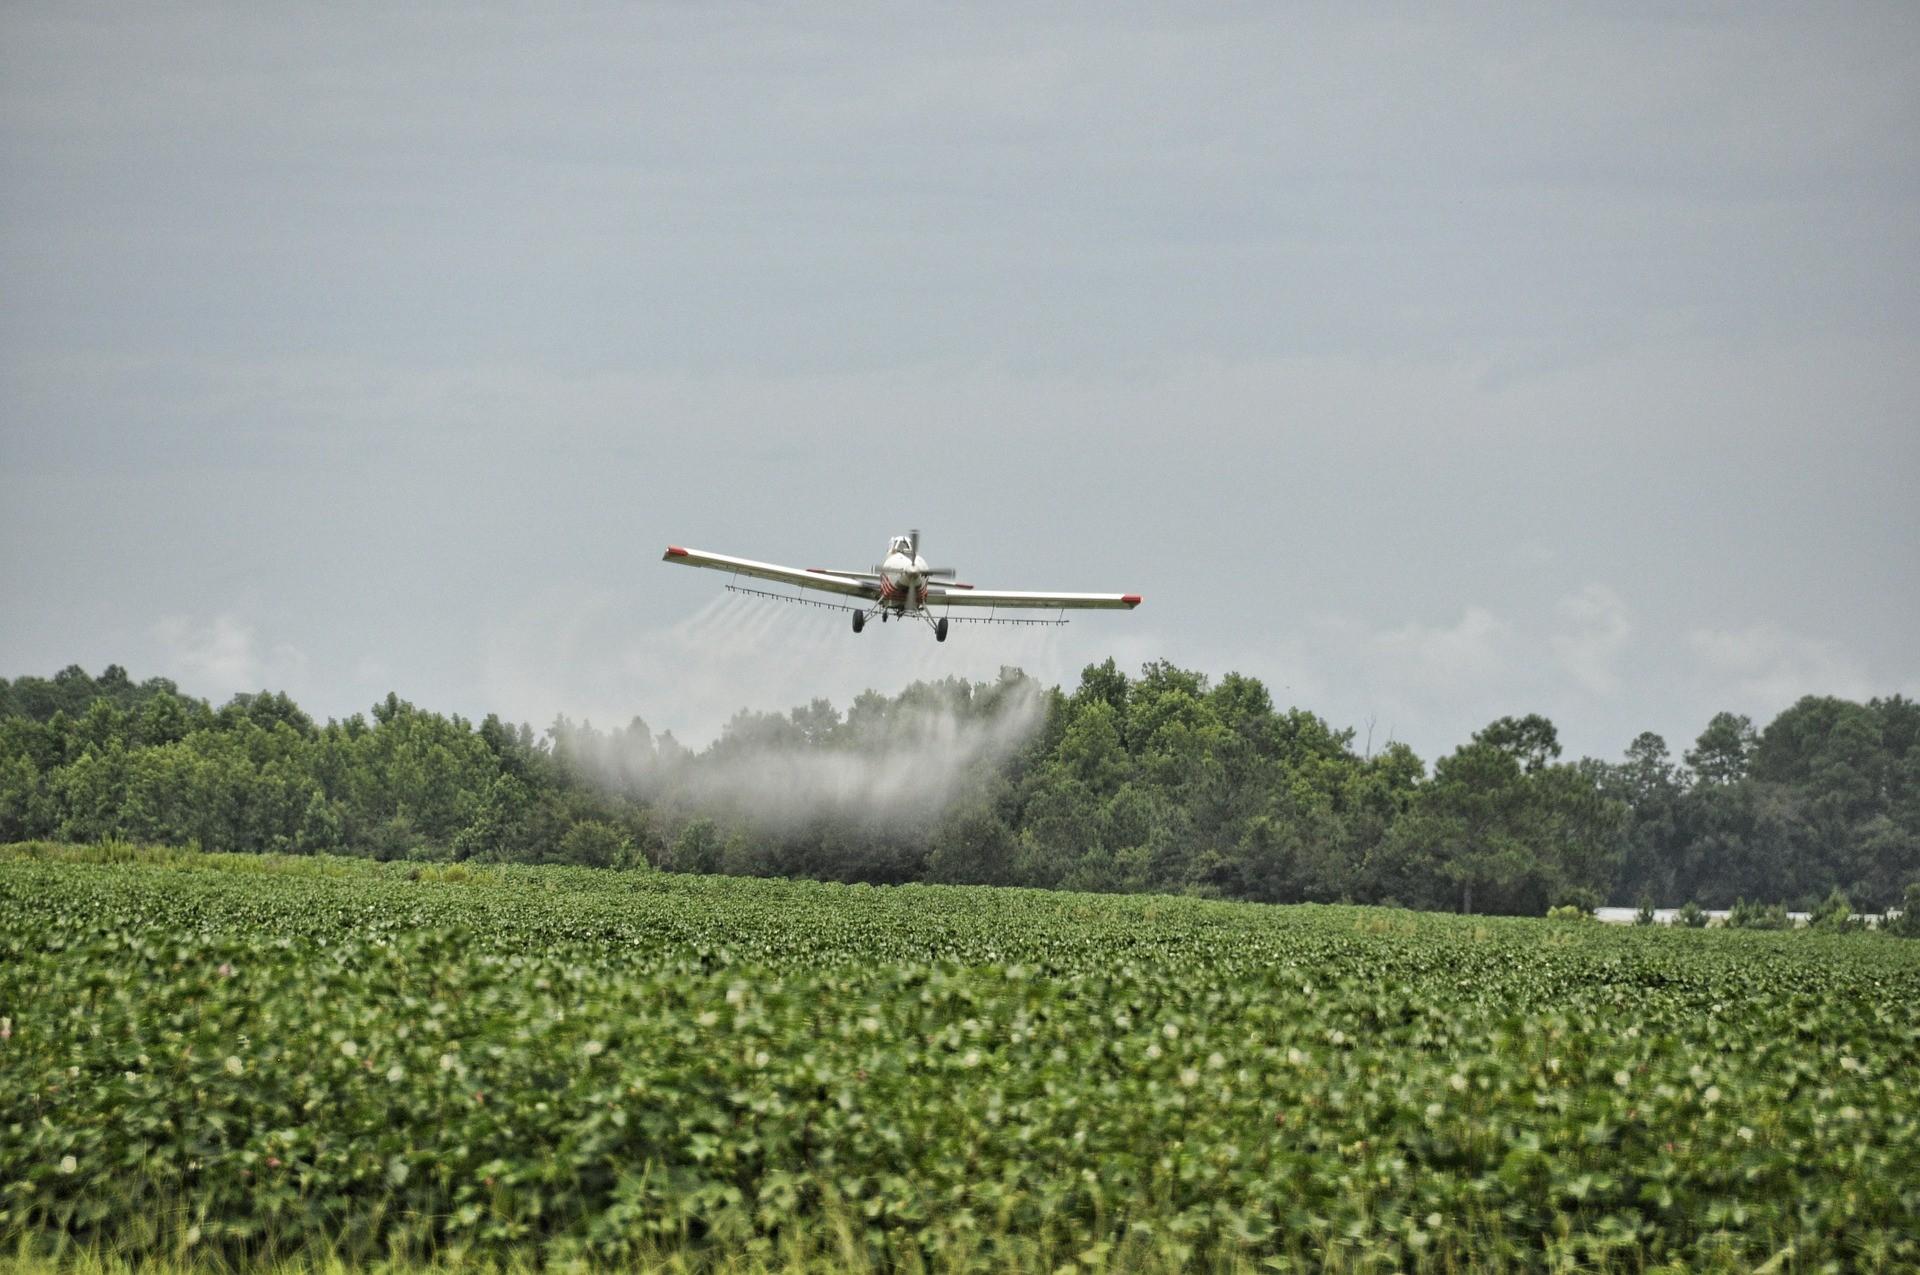 Agrotóxicos se dispersam com o vento e contaminam comunidades vizinhas.  (Foto: Creative Commons / amissphotos)